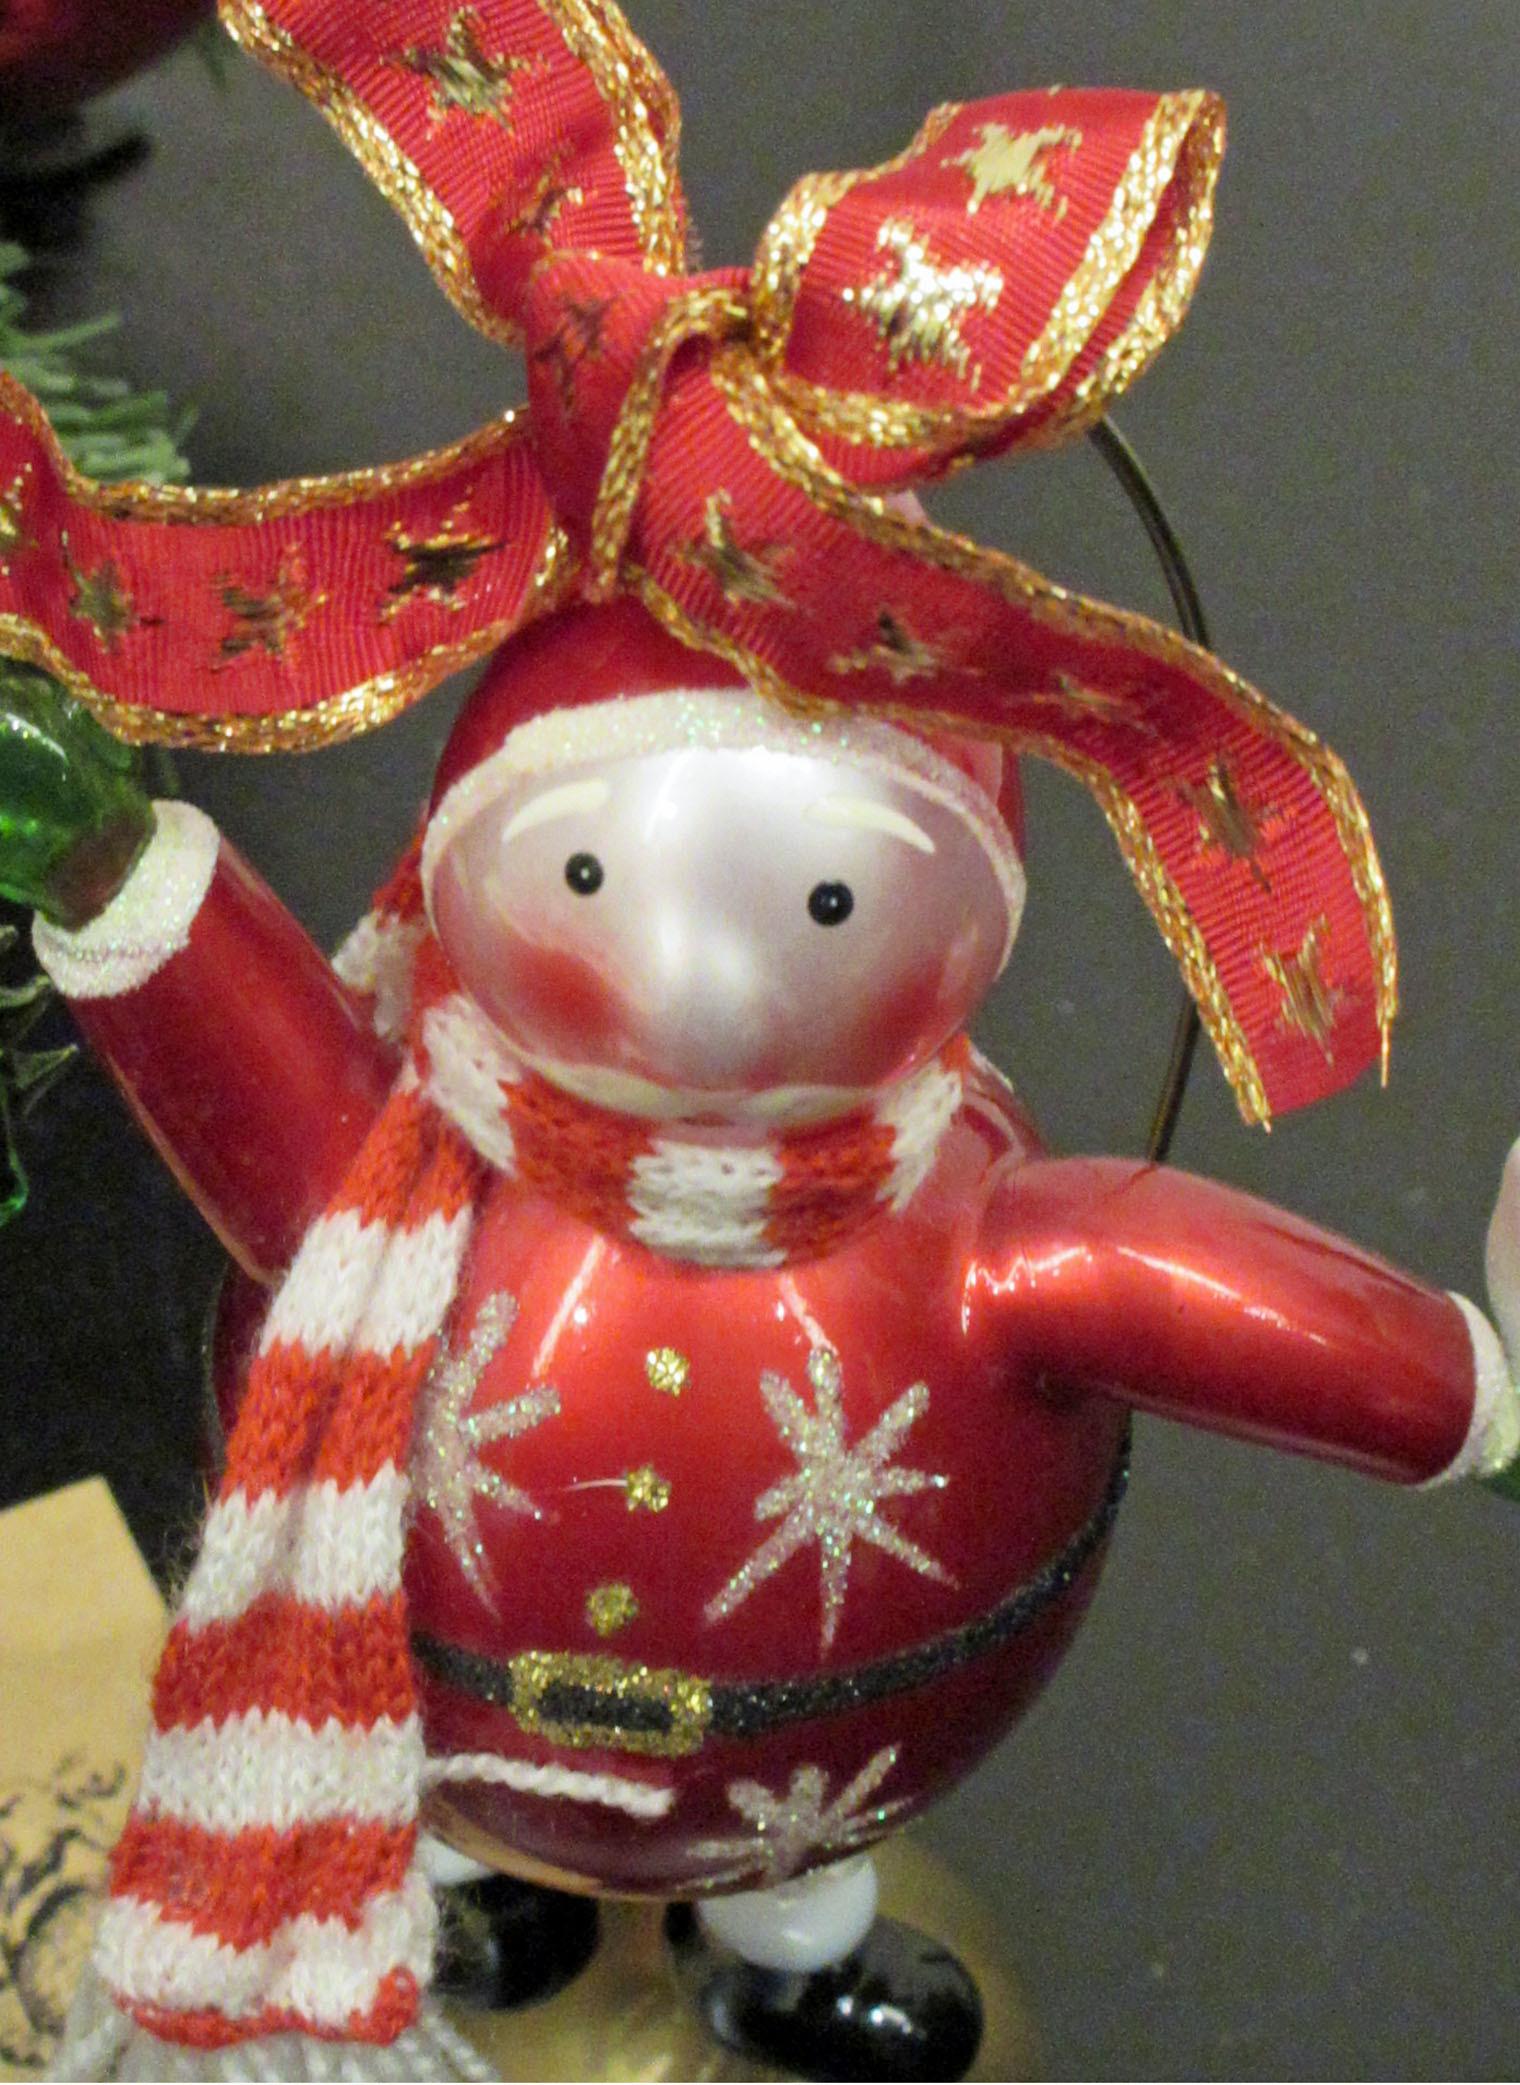 ちょっと早めのクリスマス気分。リース;にもみの木&オーナメント_e0341401_01004060.jpg